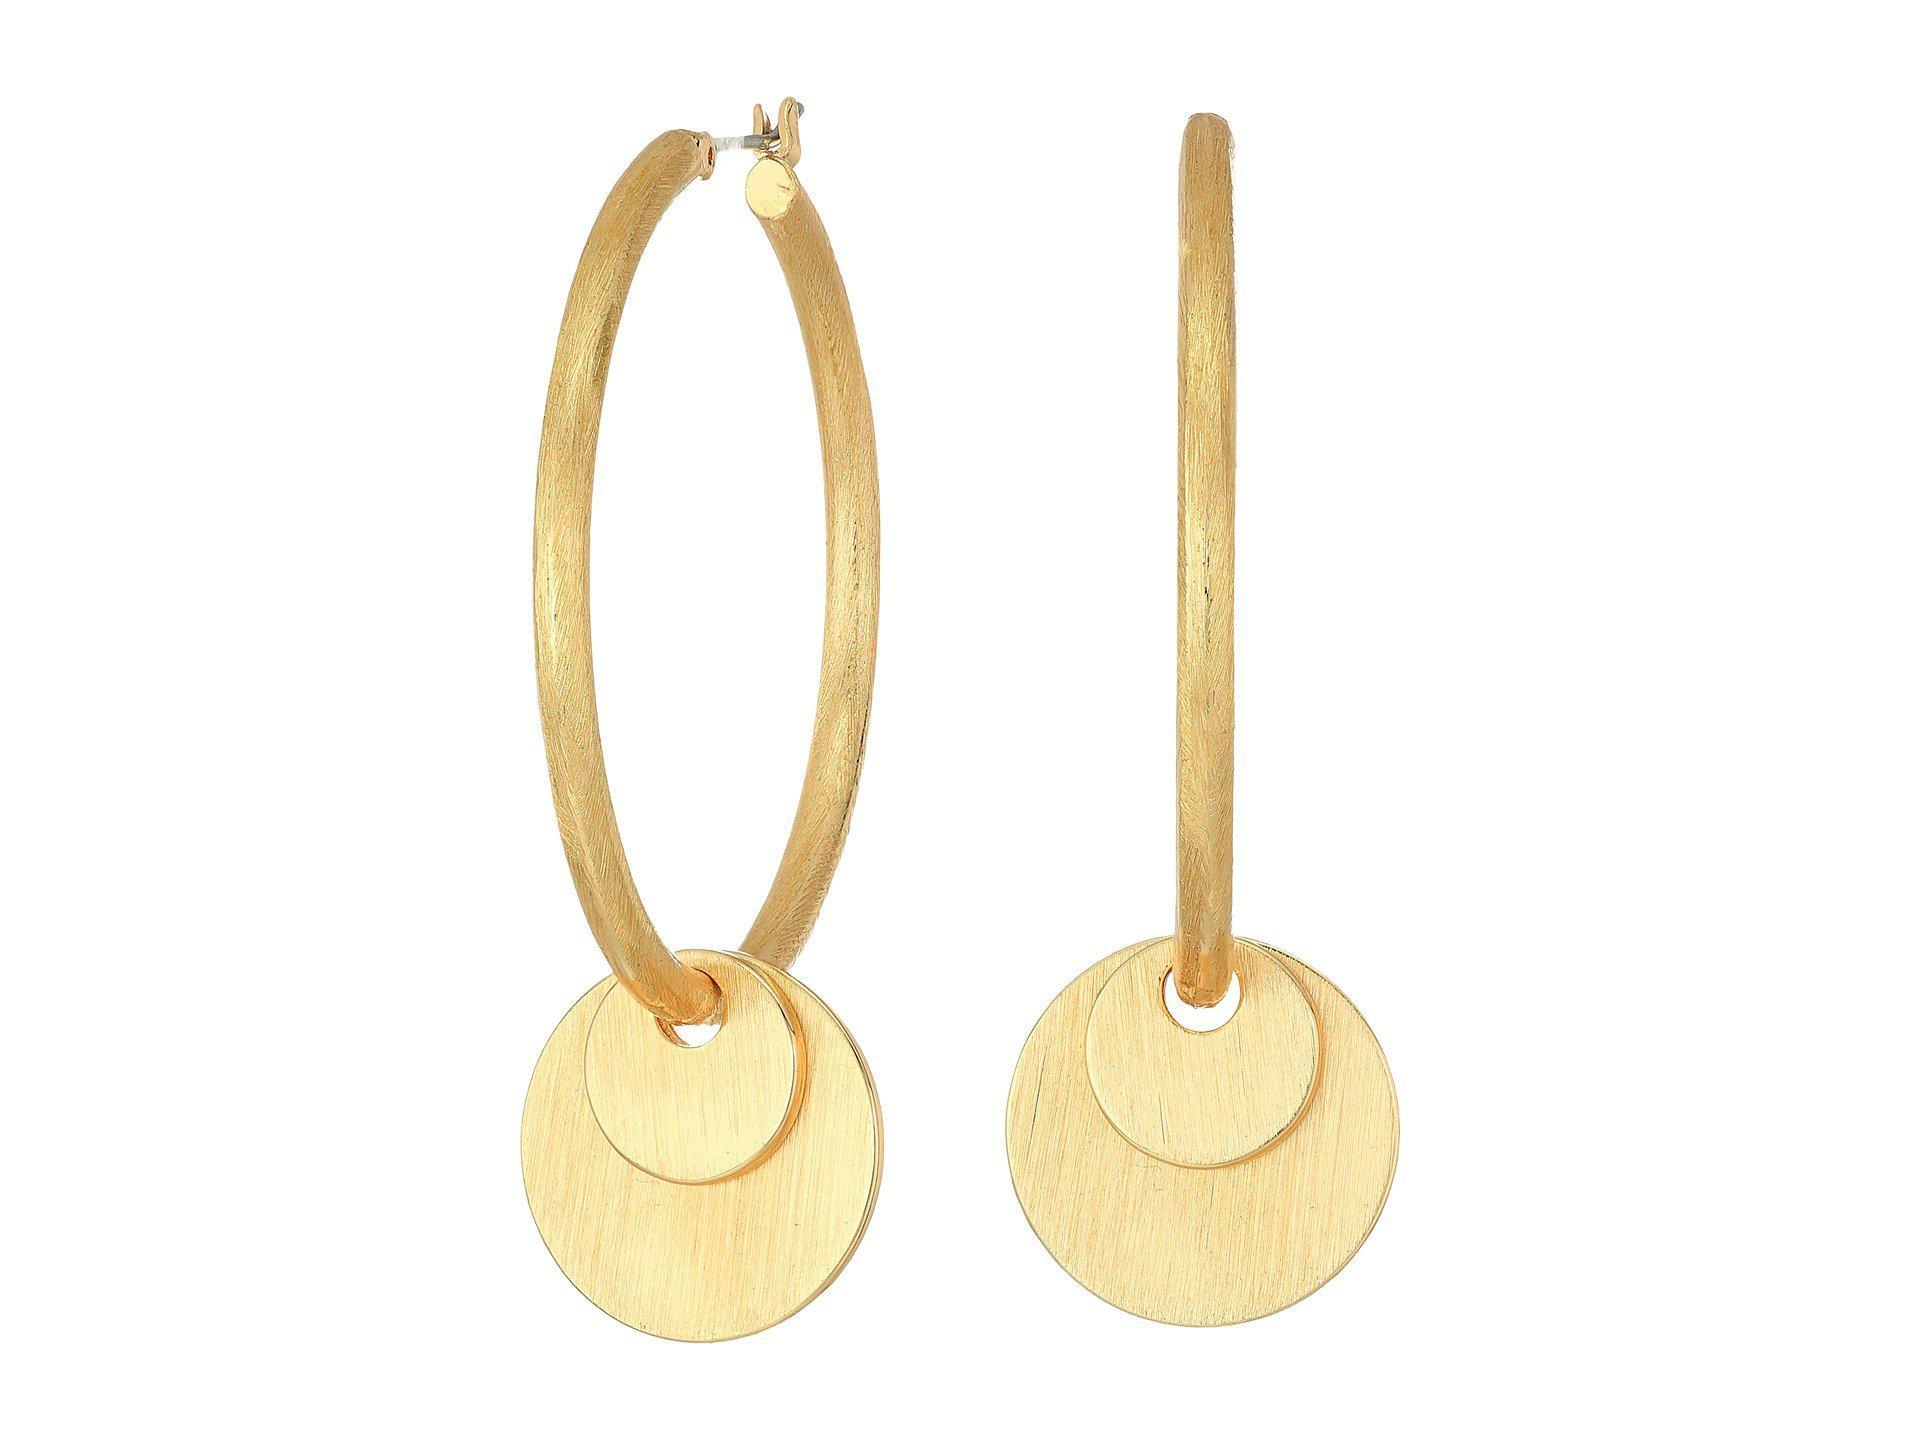 Rebecca Minkoff Women S Metallic Medallion Hoop Earrings Gold Earring